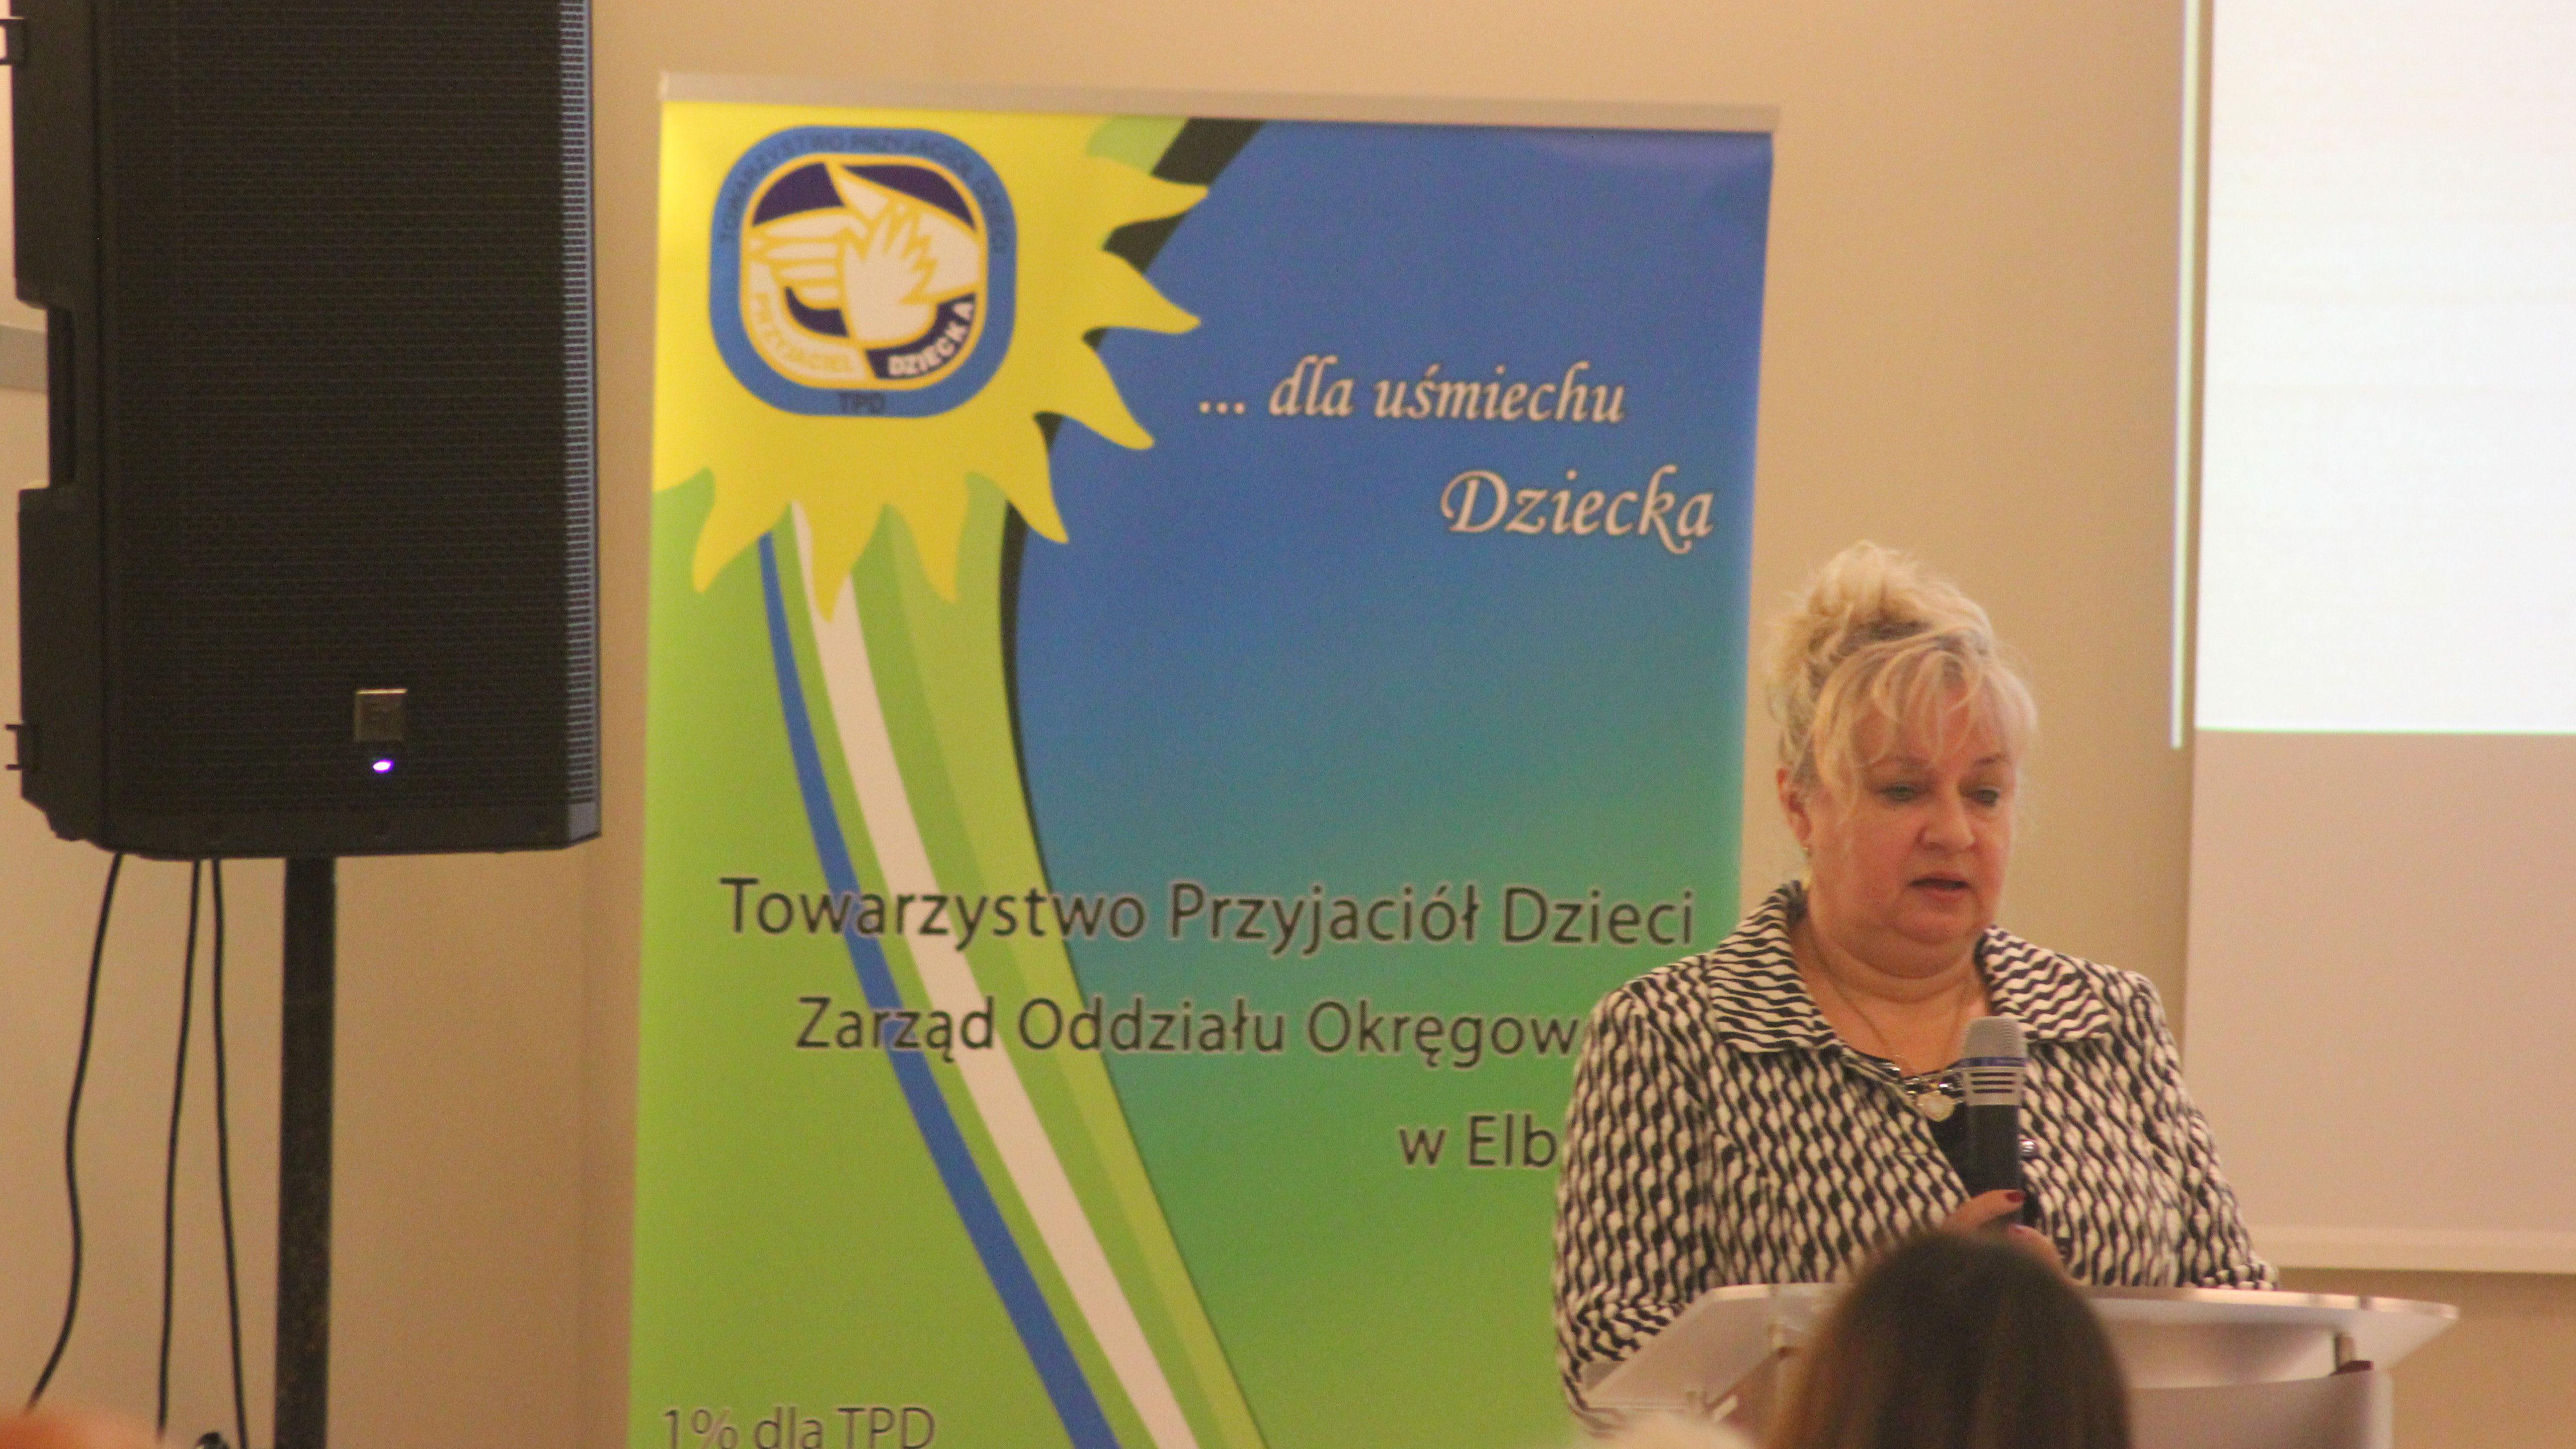 Jubileusz Towarzystwa Przyjaciół Dzieci w Elblągu